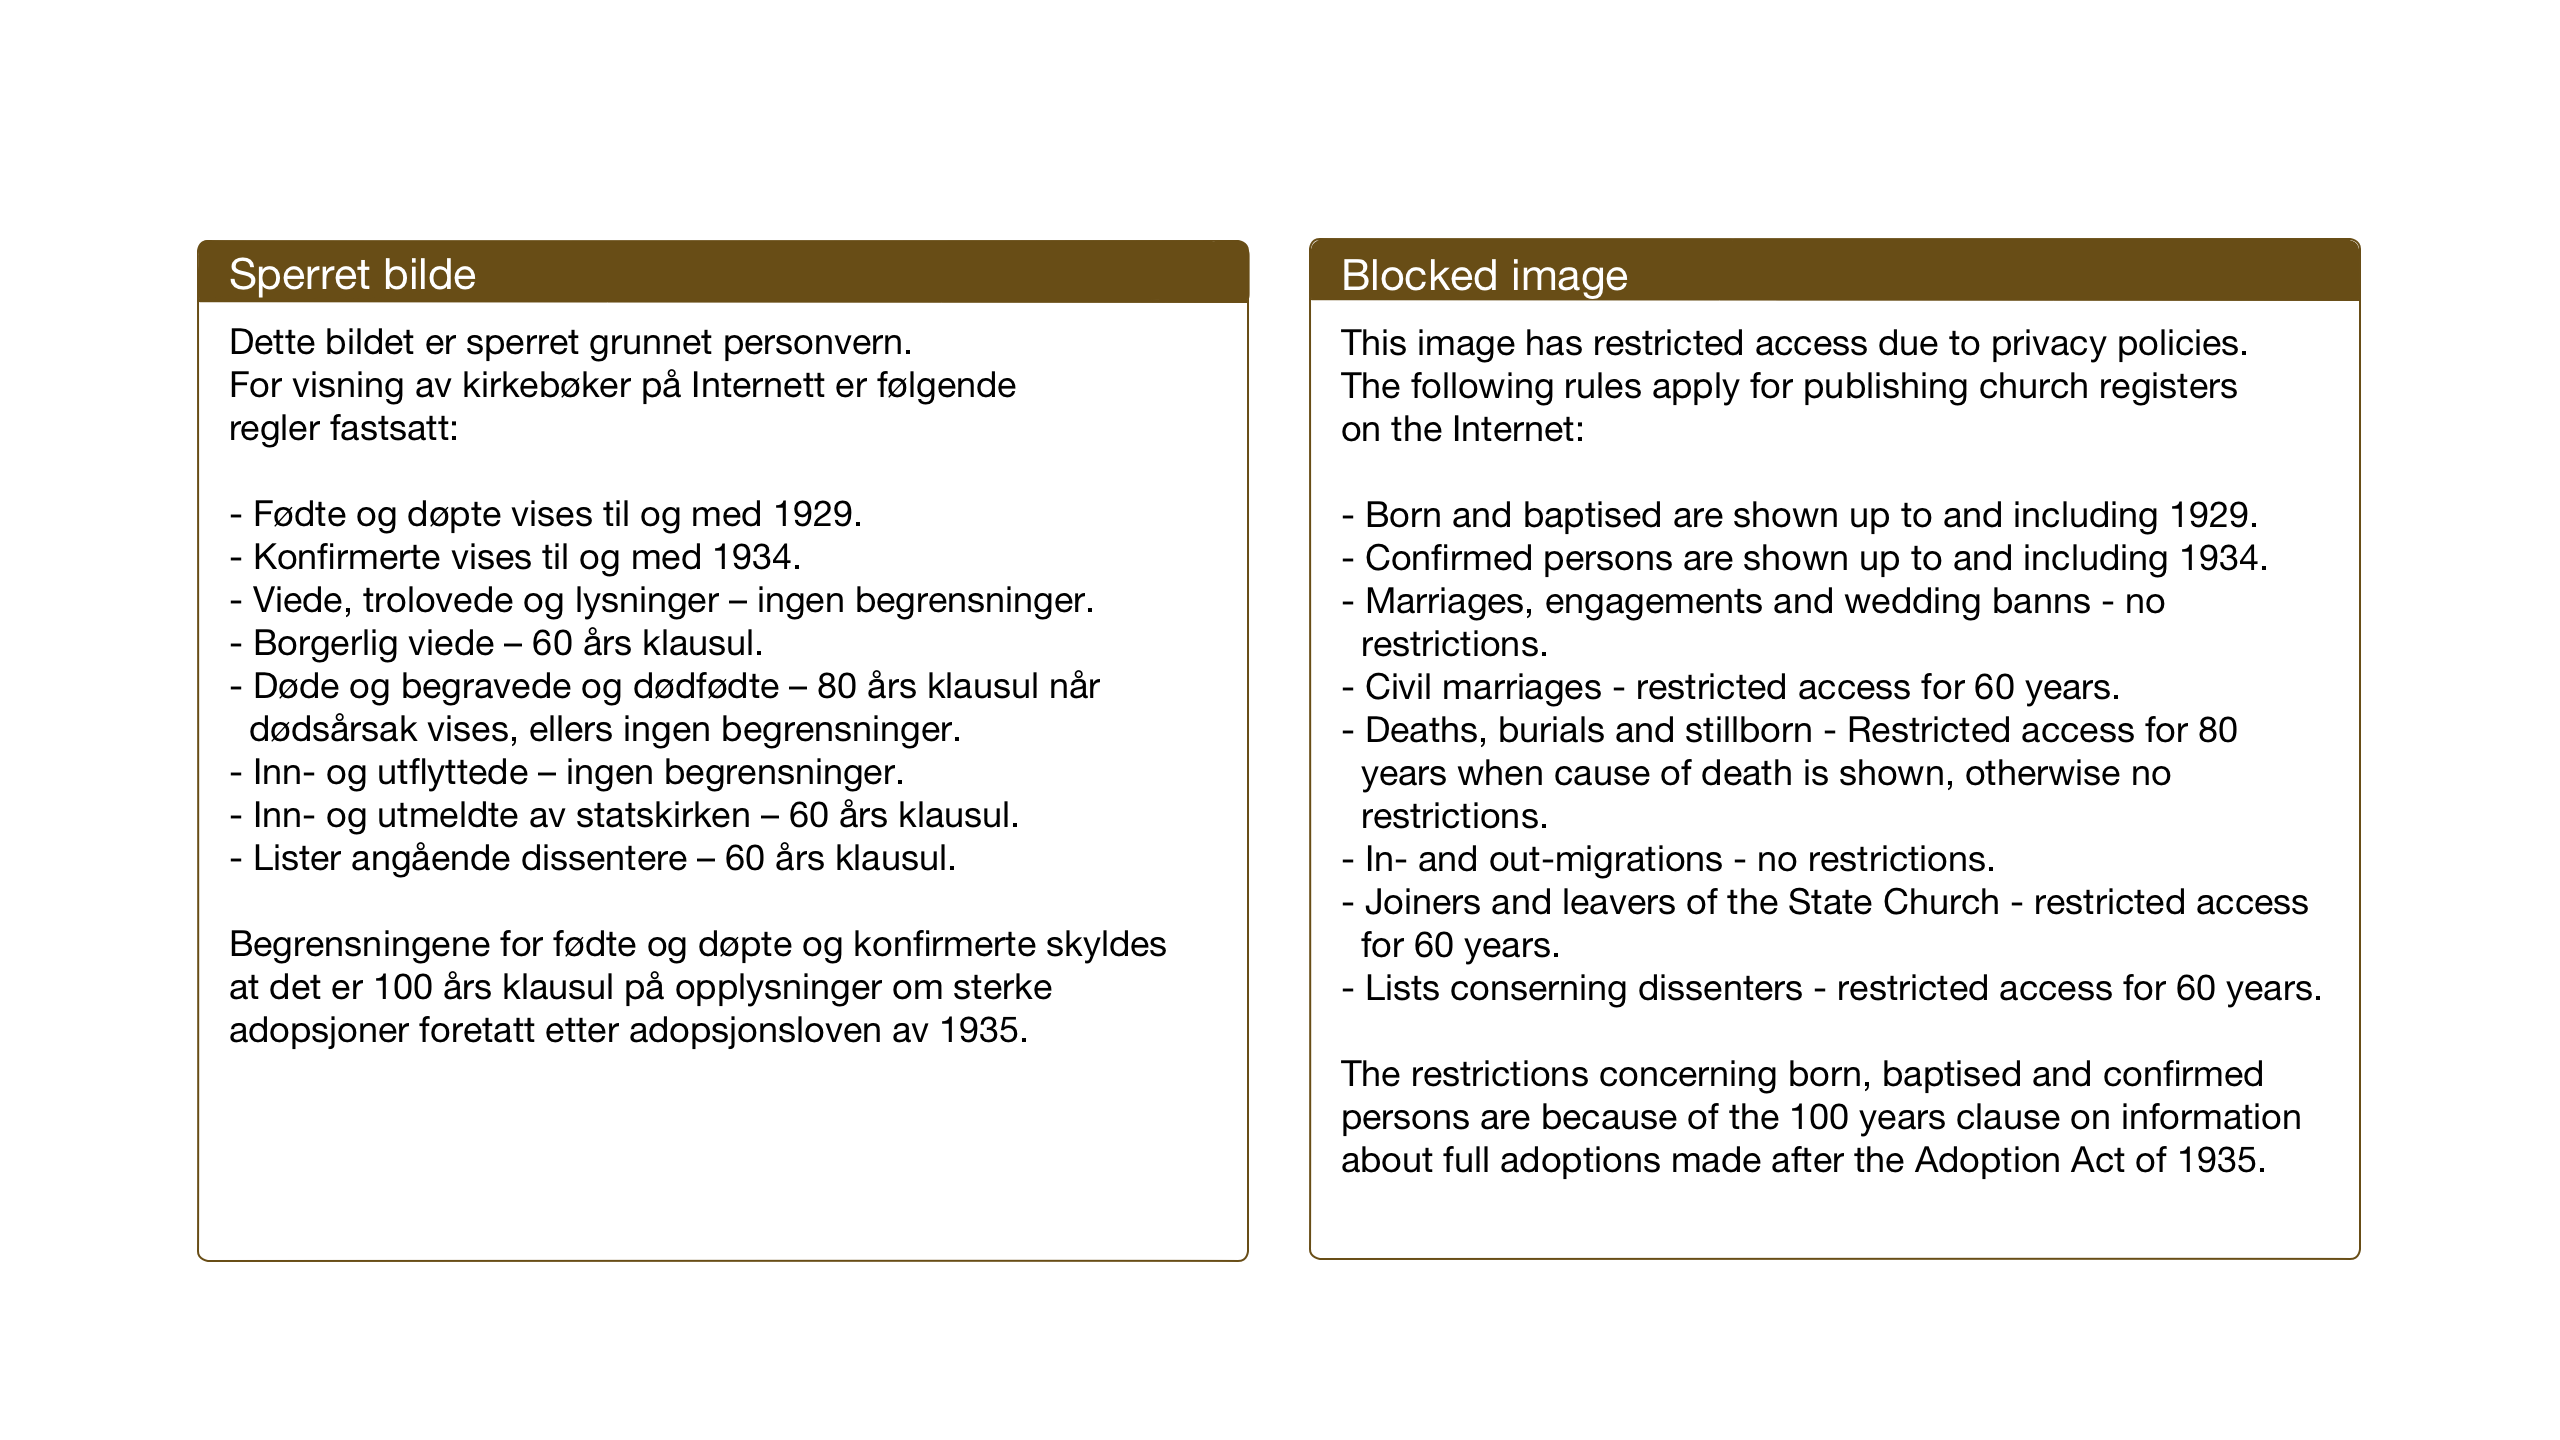 SAT, Ministerialprotokoller, klokkerbøker og fødselsregistre - Nord-Trøndelag, 709/L0089: Klokkerbok nr. 709C03, 1935-1948, s. 18